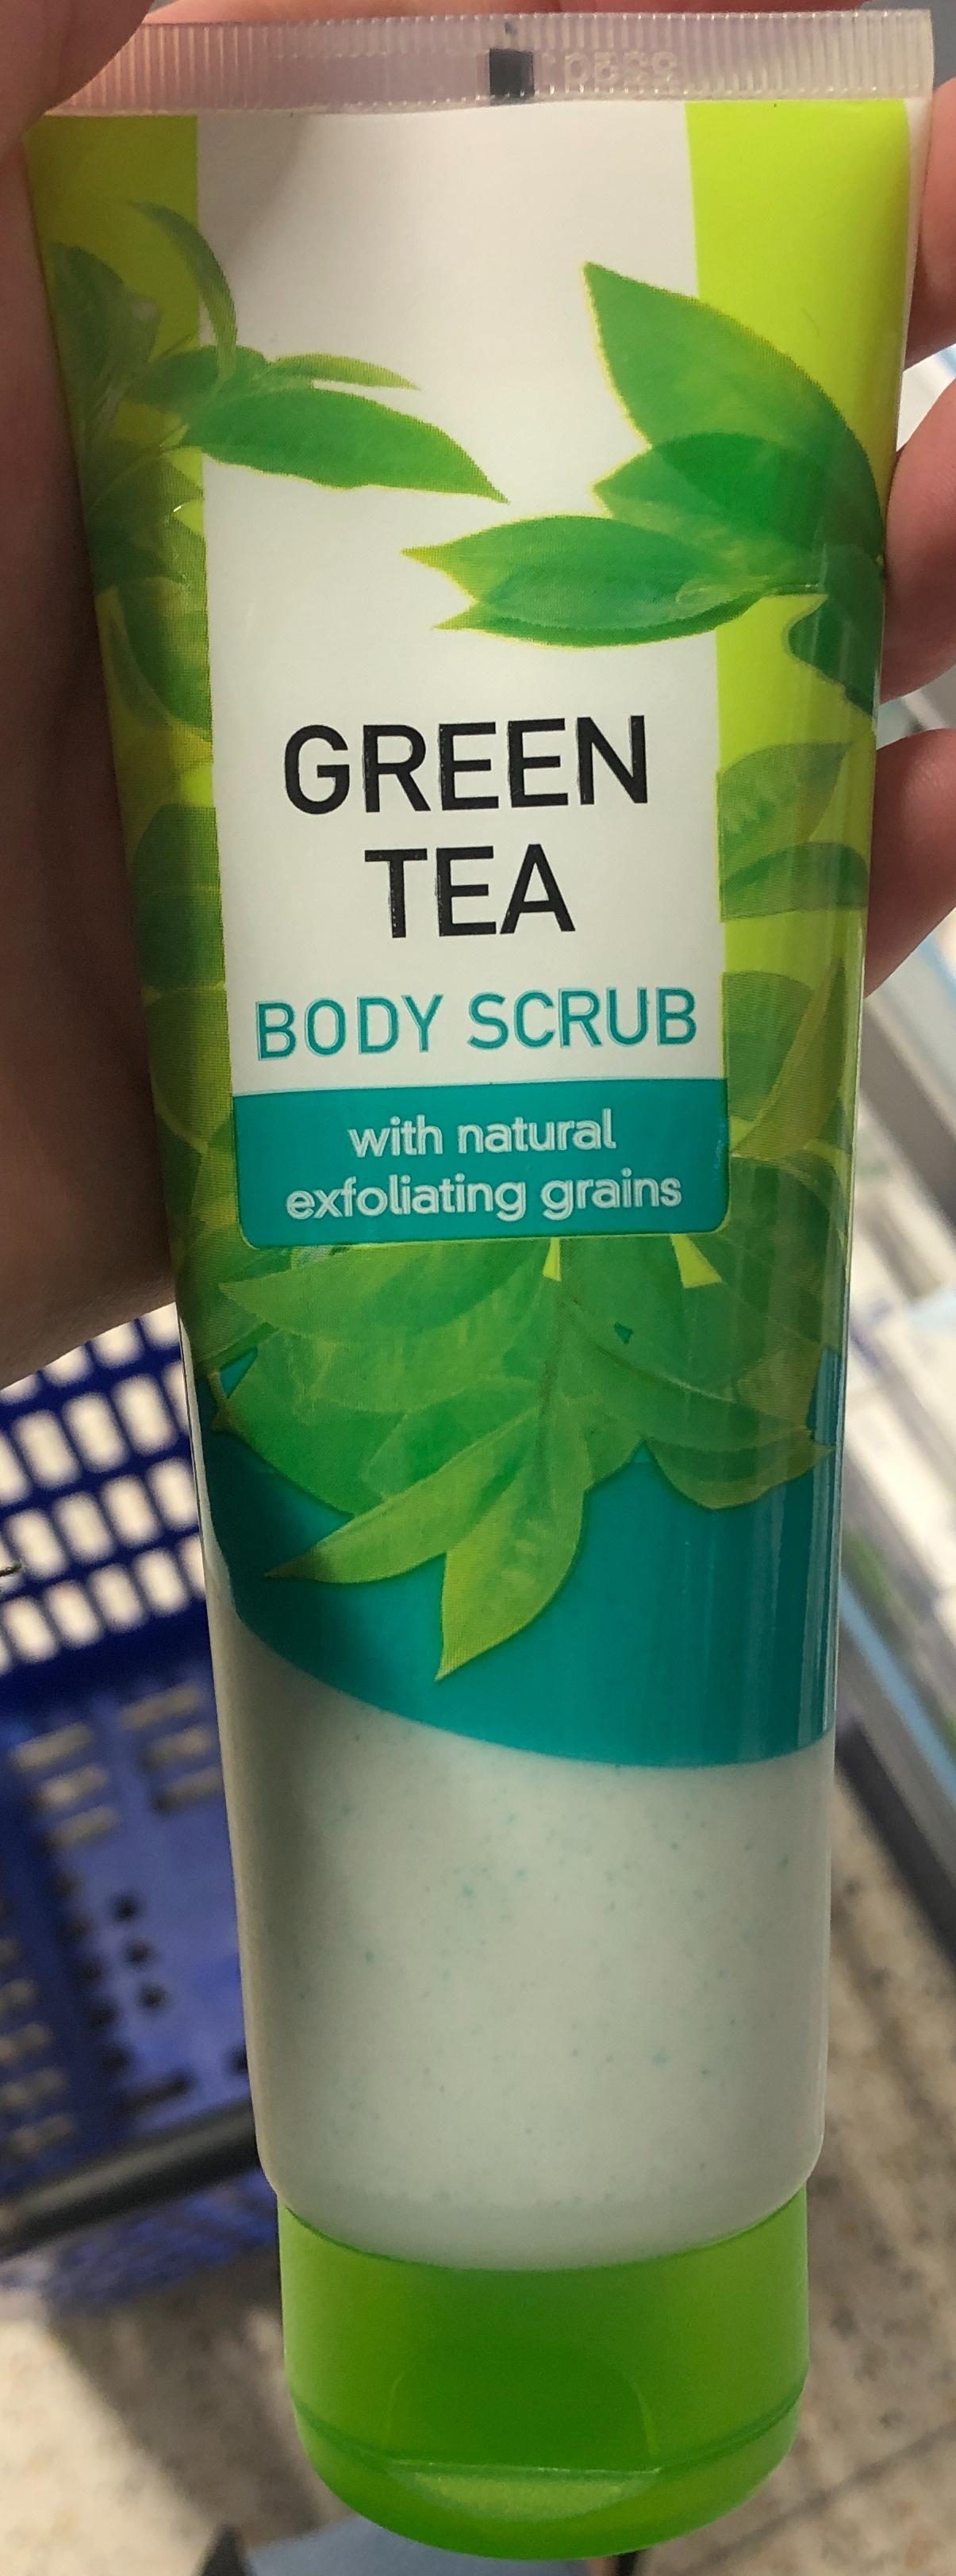 Action Green Tea Body Scrub